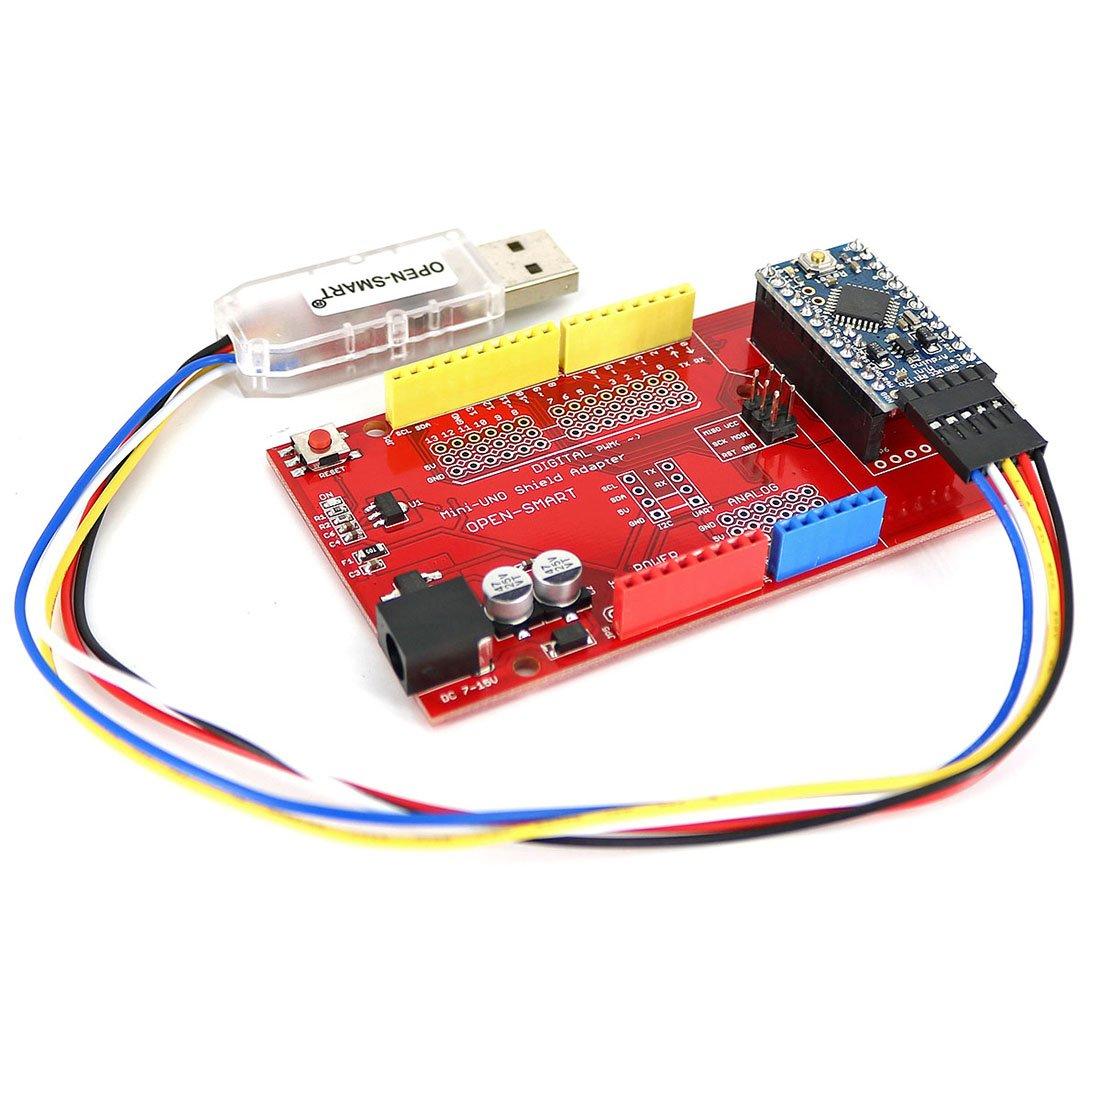 likecom Pro Mini Panera Kit con Io tarjeta de expansión sensor para Arduino: Amazon.es: Informática